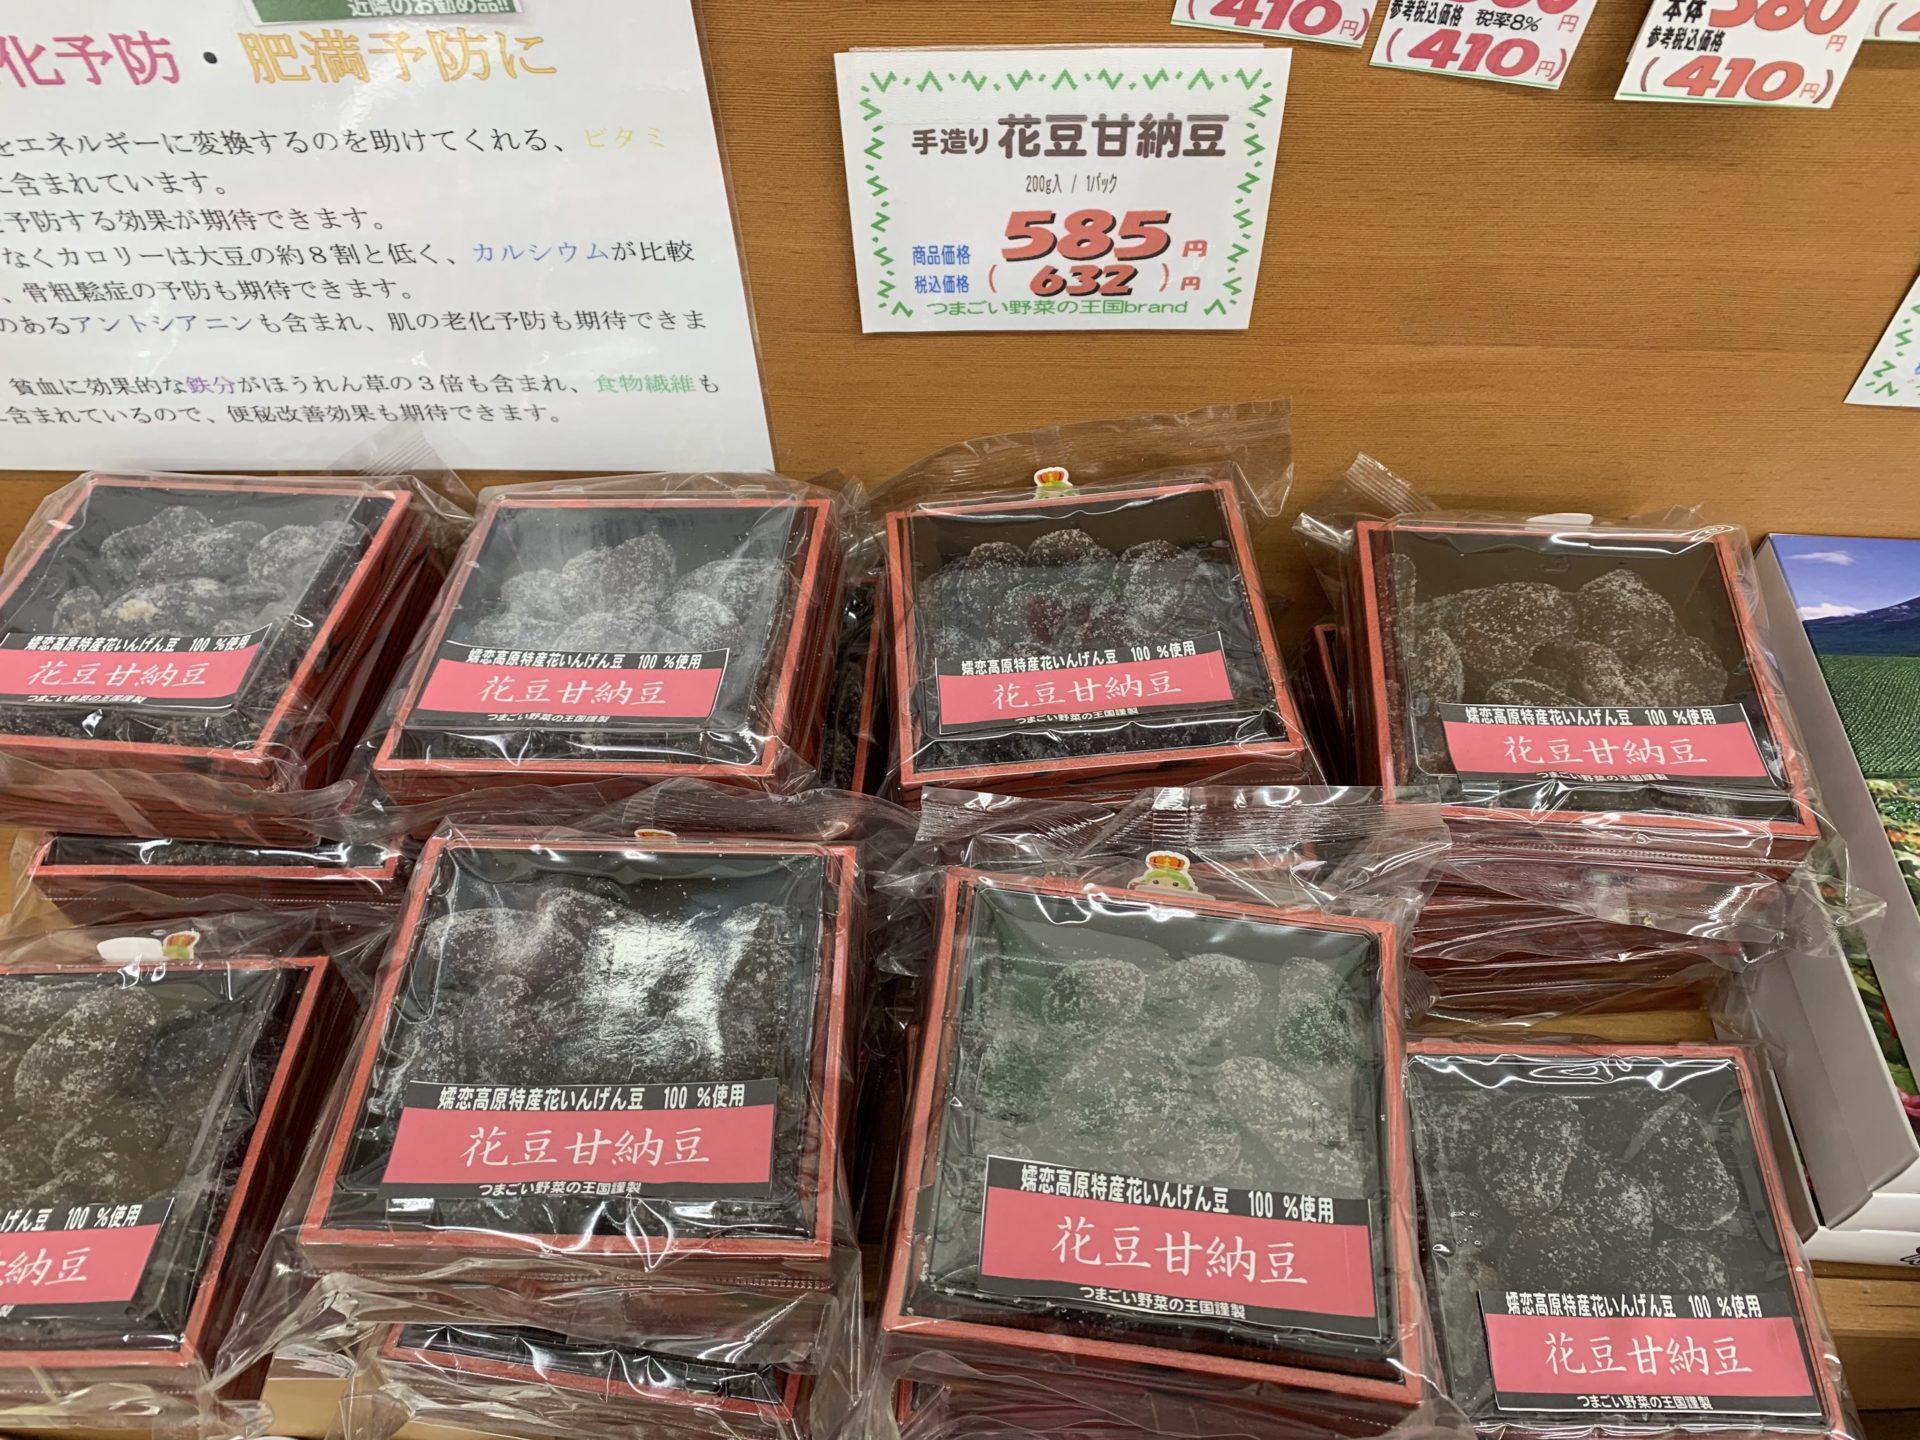 卸売センター「サンエイ」店内のお土産コーナー「花豆甘納豆」